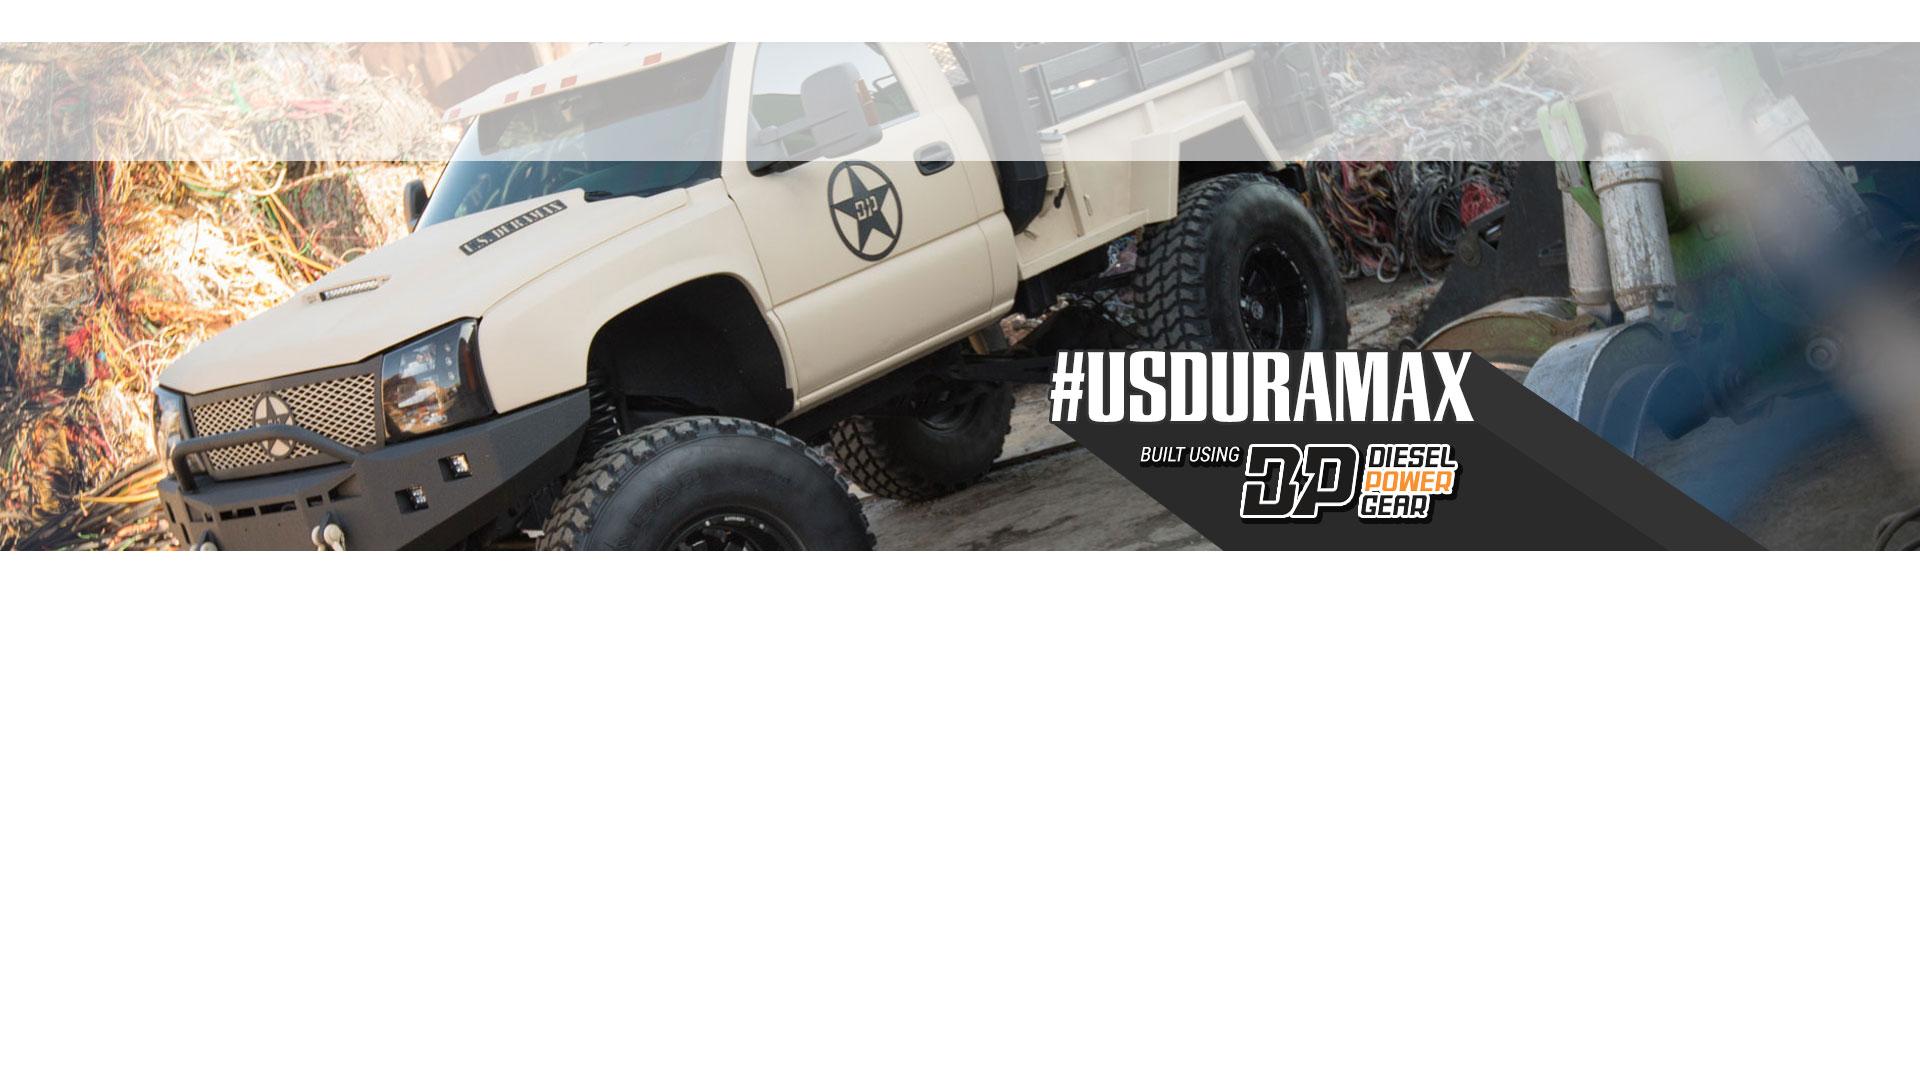 #USDURAMAX